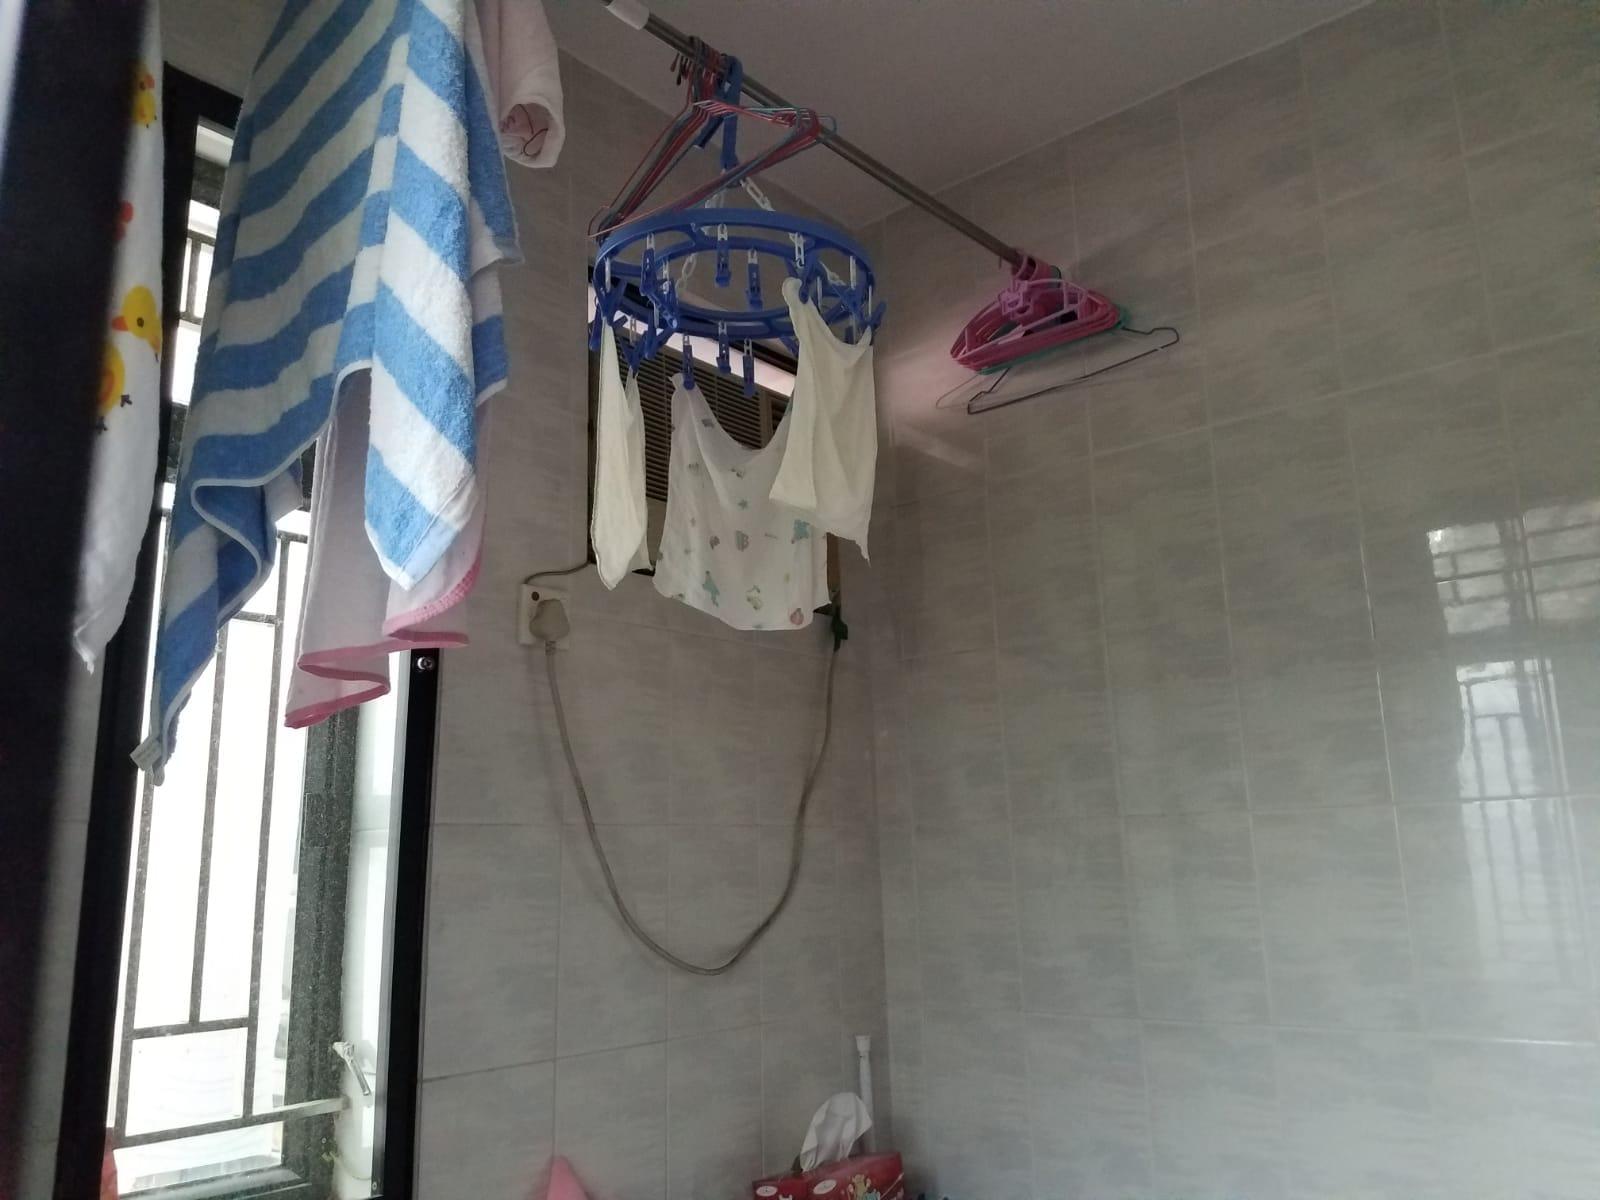 屋內晾曬著嬰兒用紗巾。